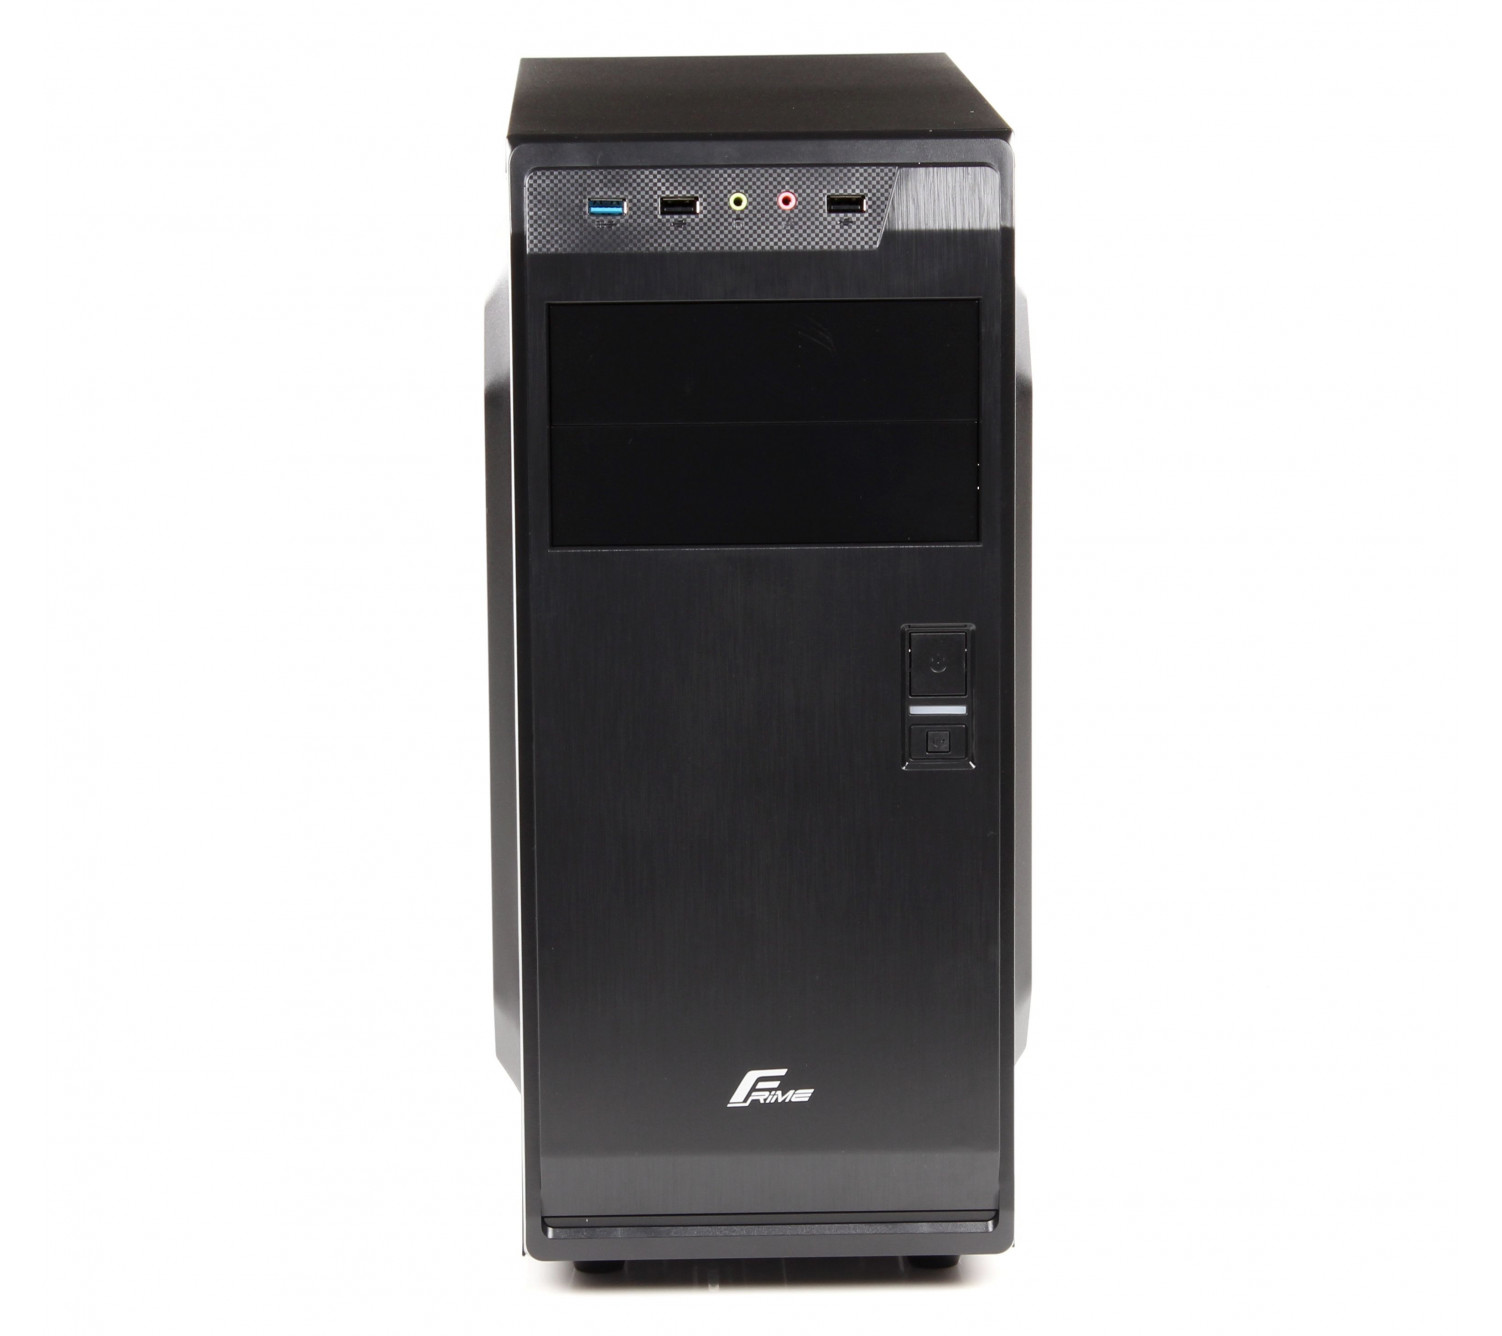 Корпус Frime Rigo I FBM-460 USB 3.0